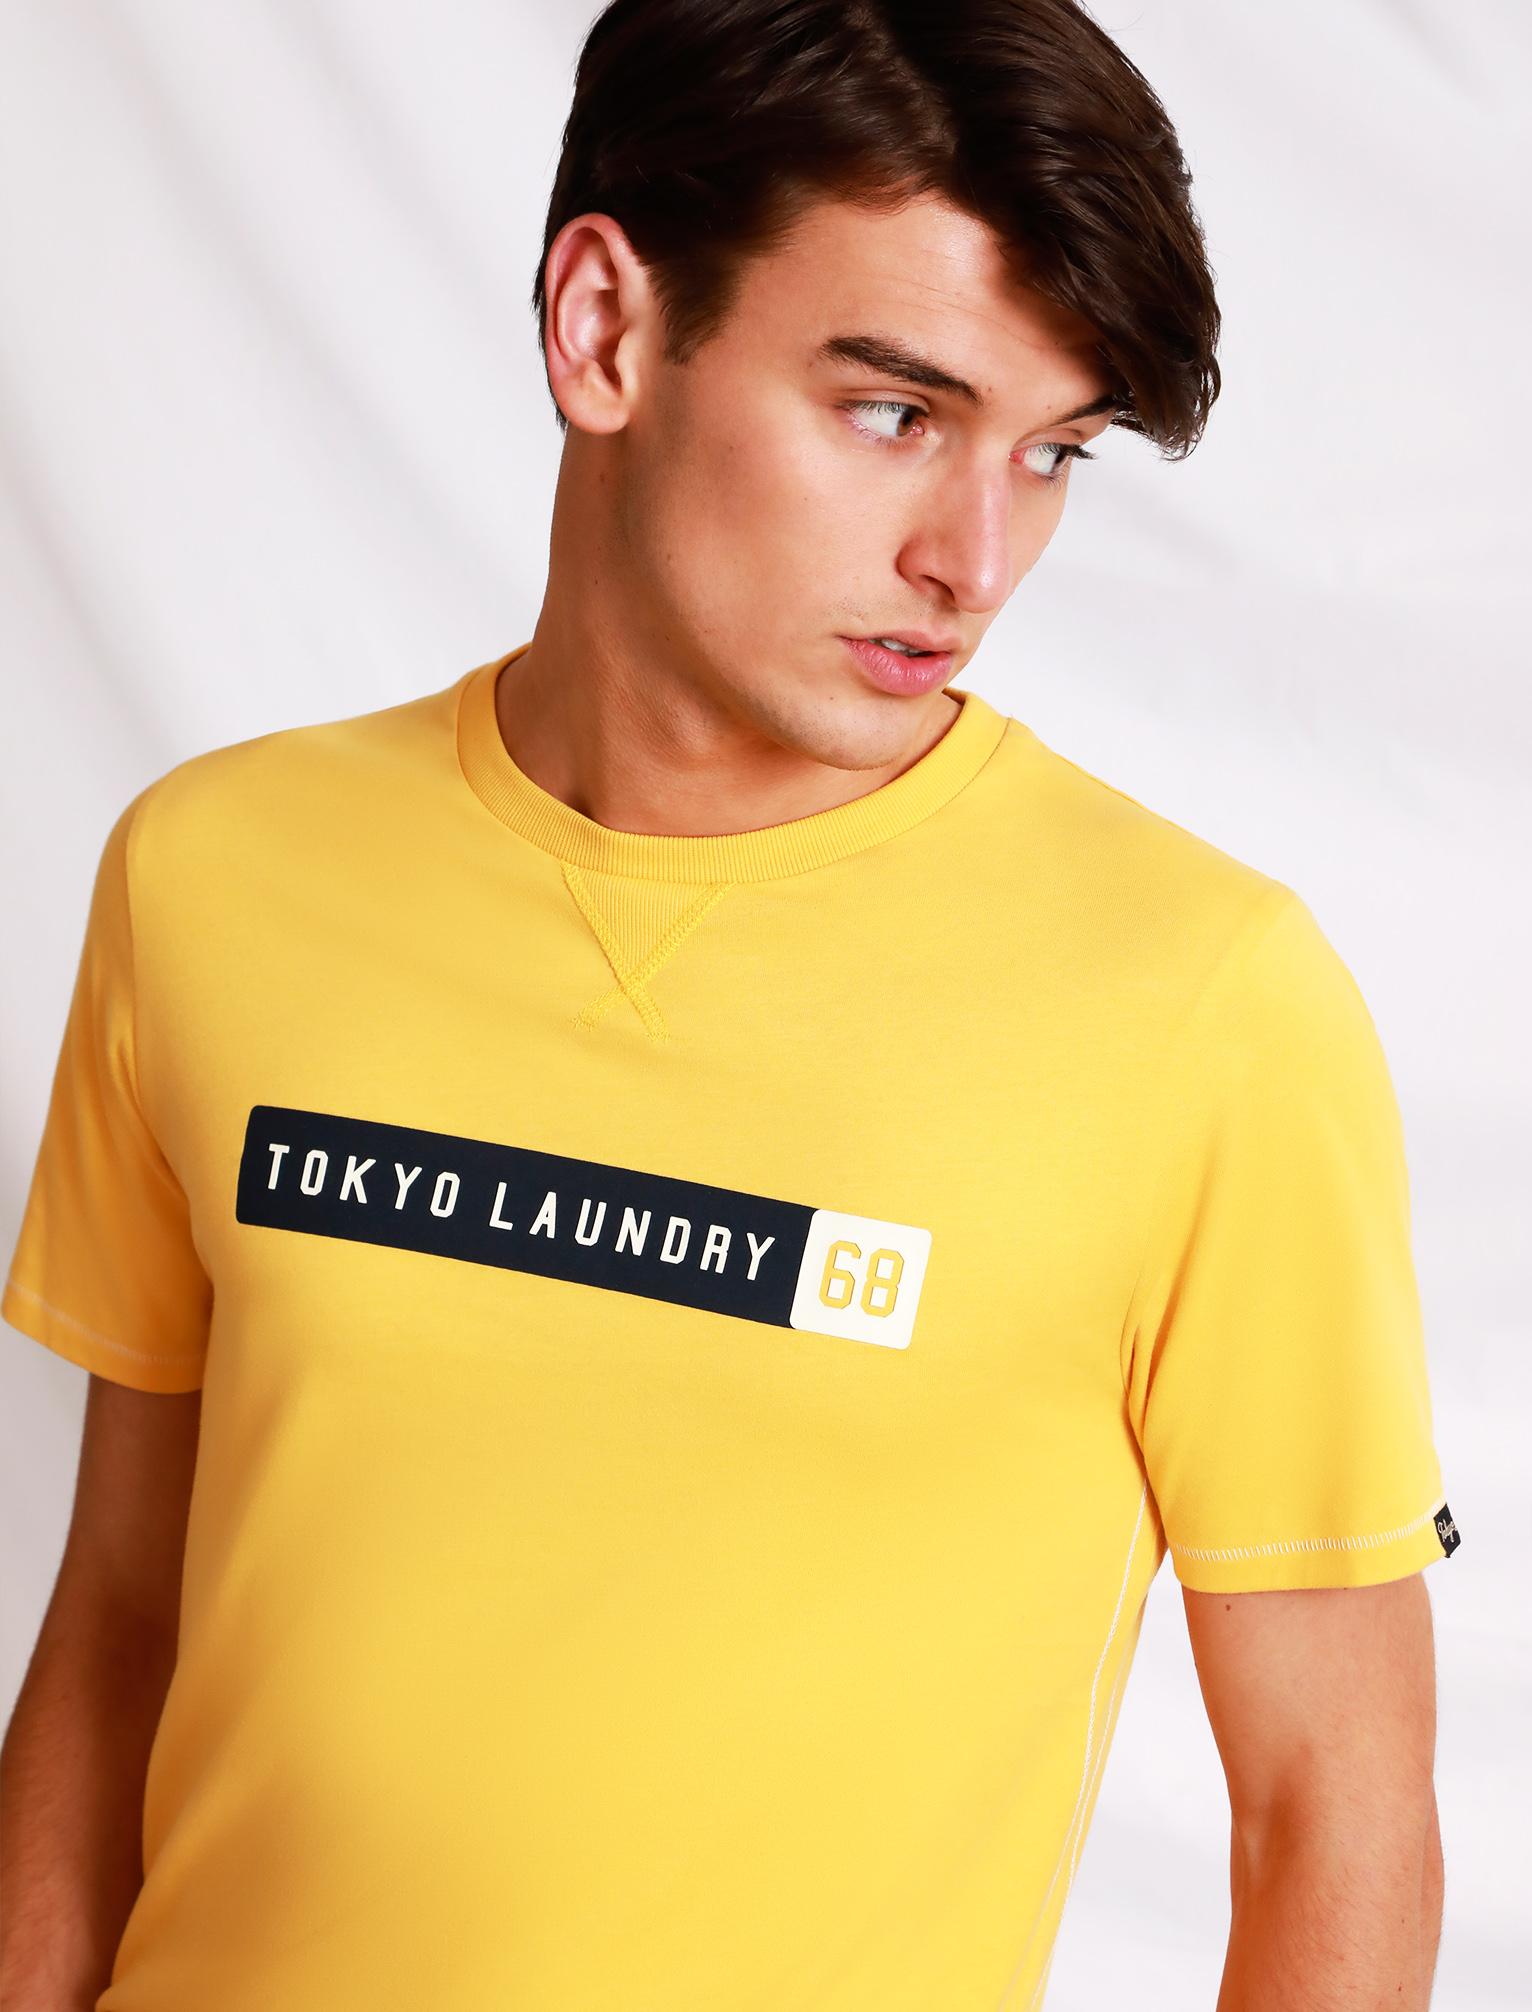 Tokyo Laundry Homme Burnout T-shirt graphique San Fran Rétro Vintage Haut à encolure ras-du-cou